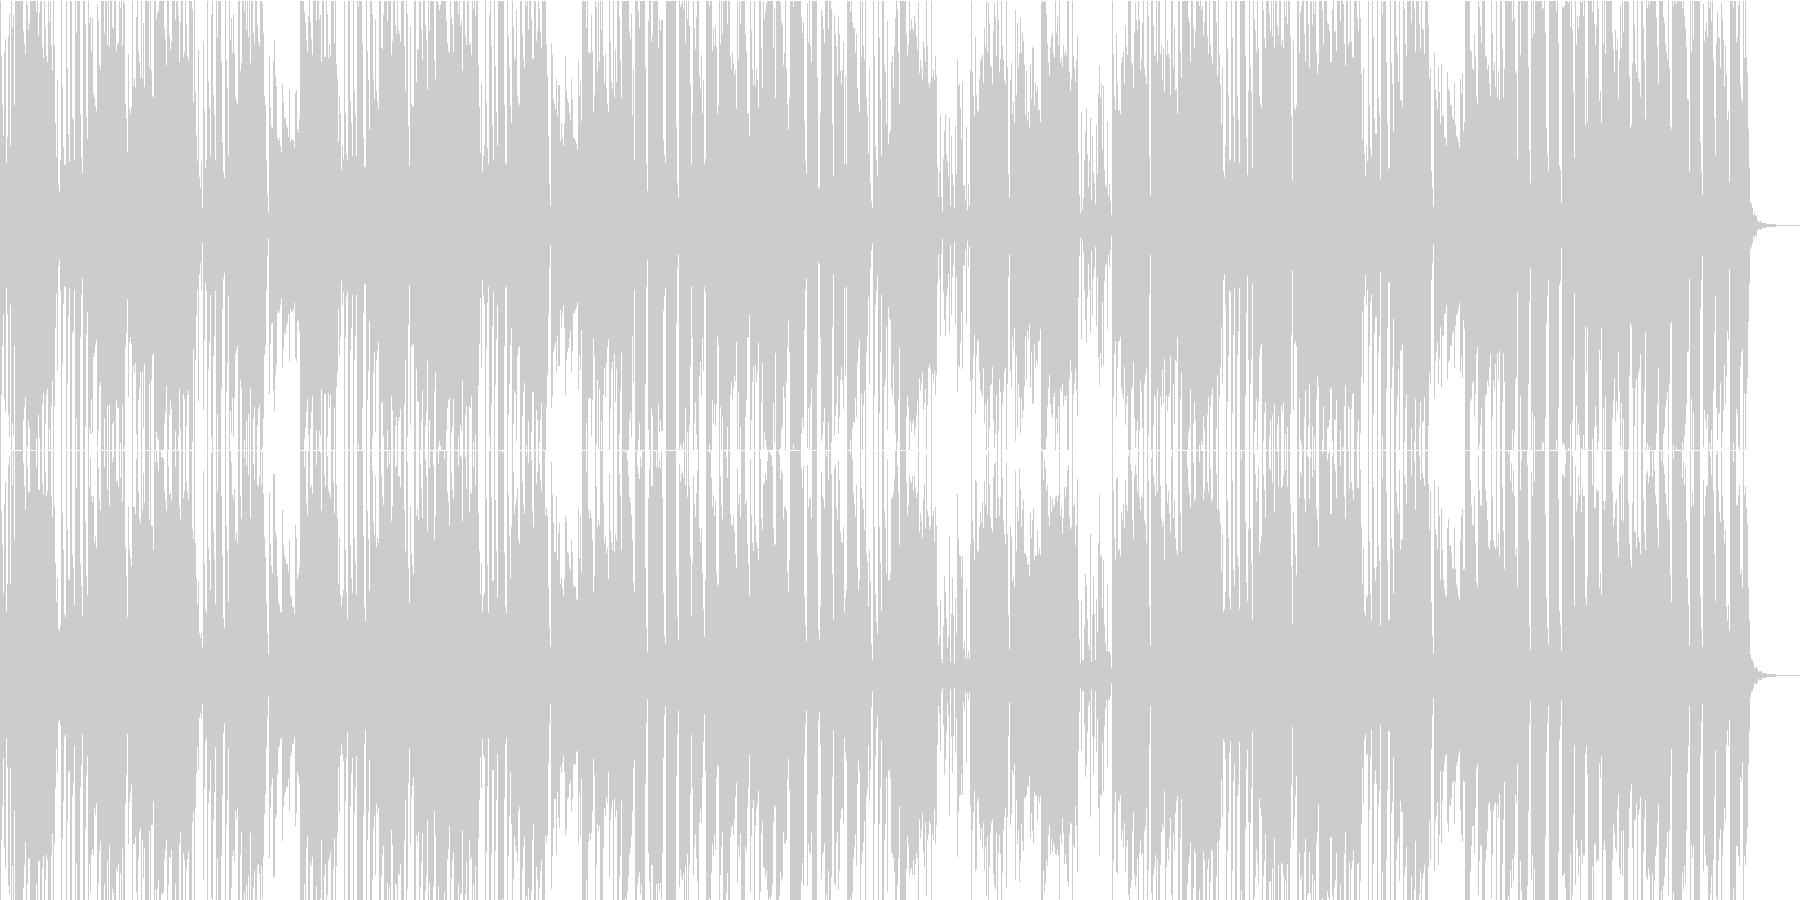 ファンク レトロ お祭り シンセサ...の未再生の波形